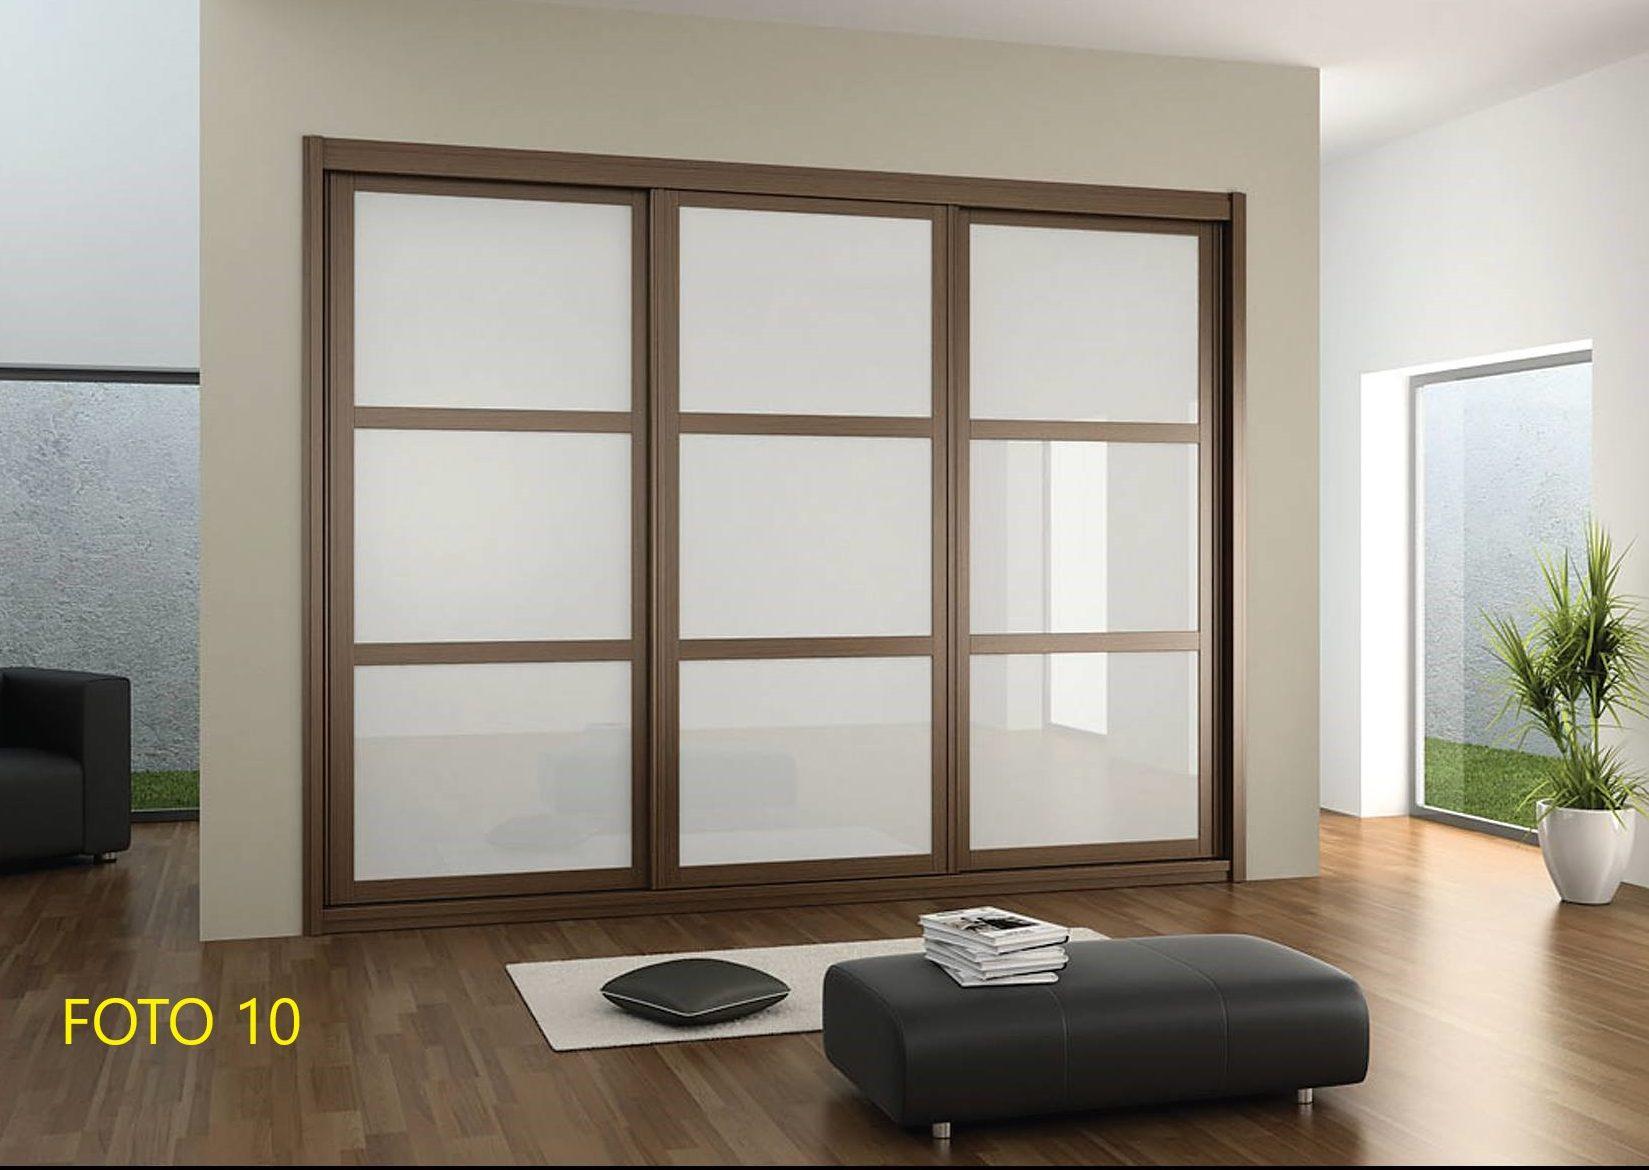 armario corredera blanco y madera